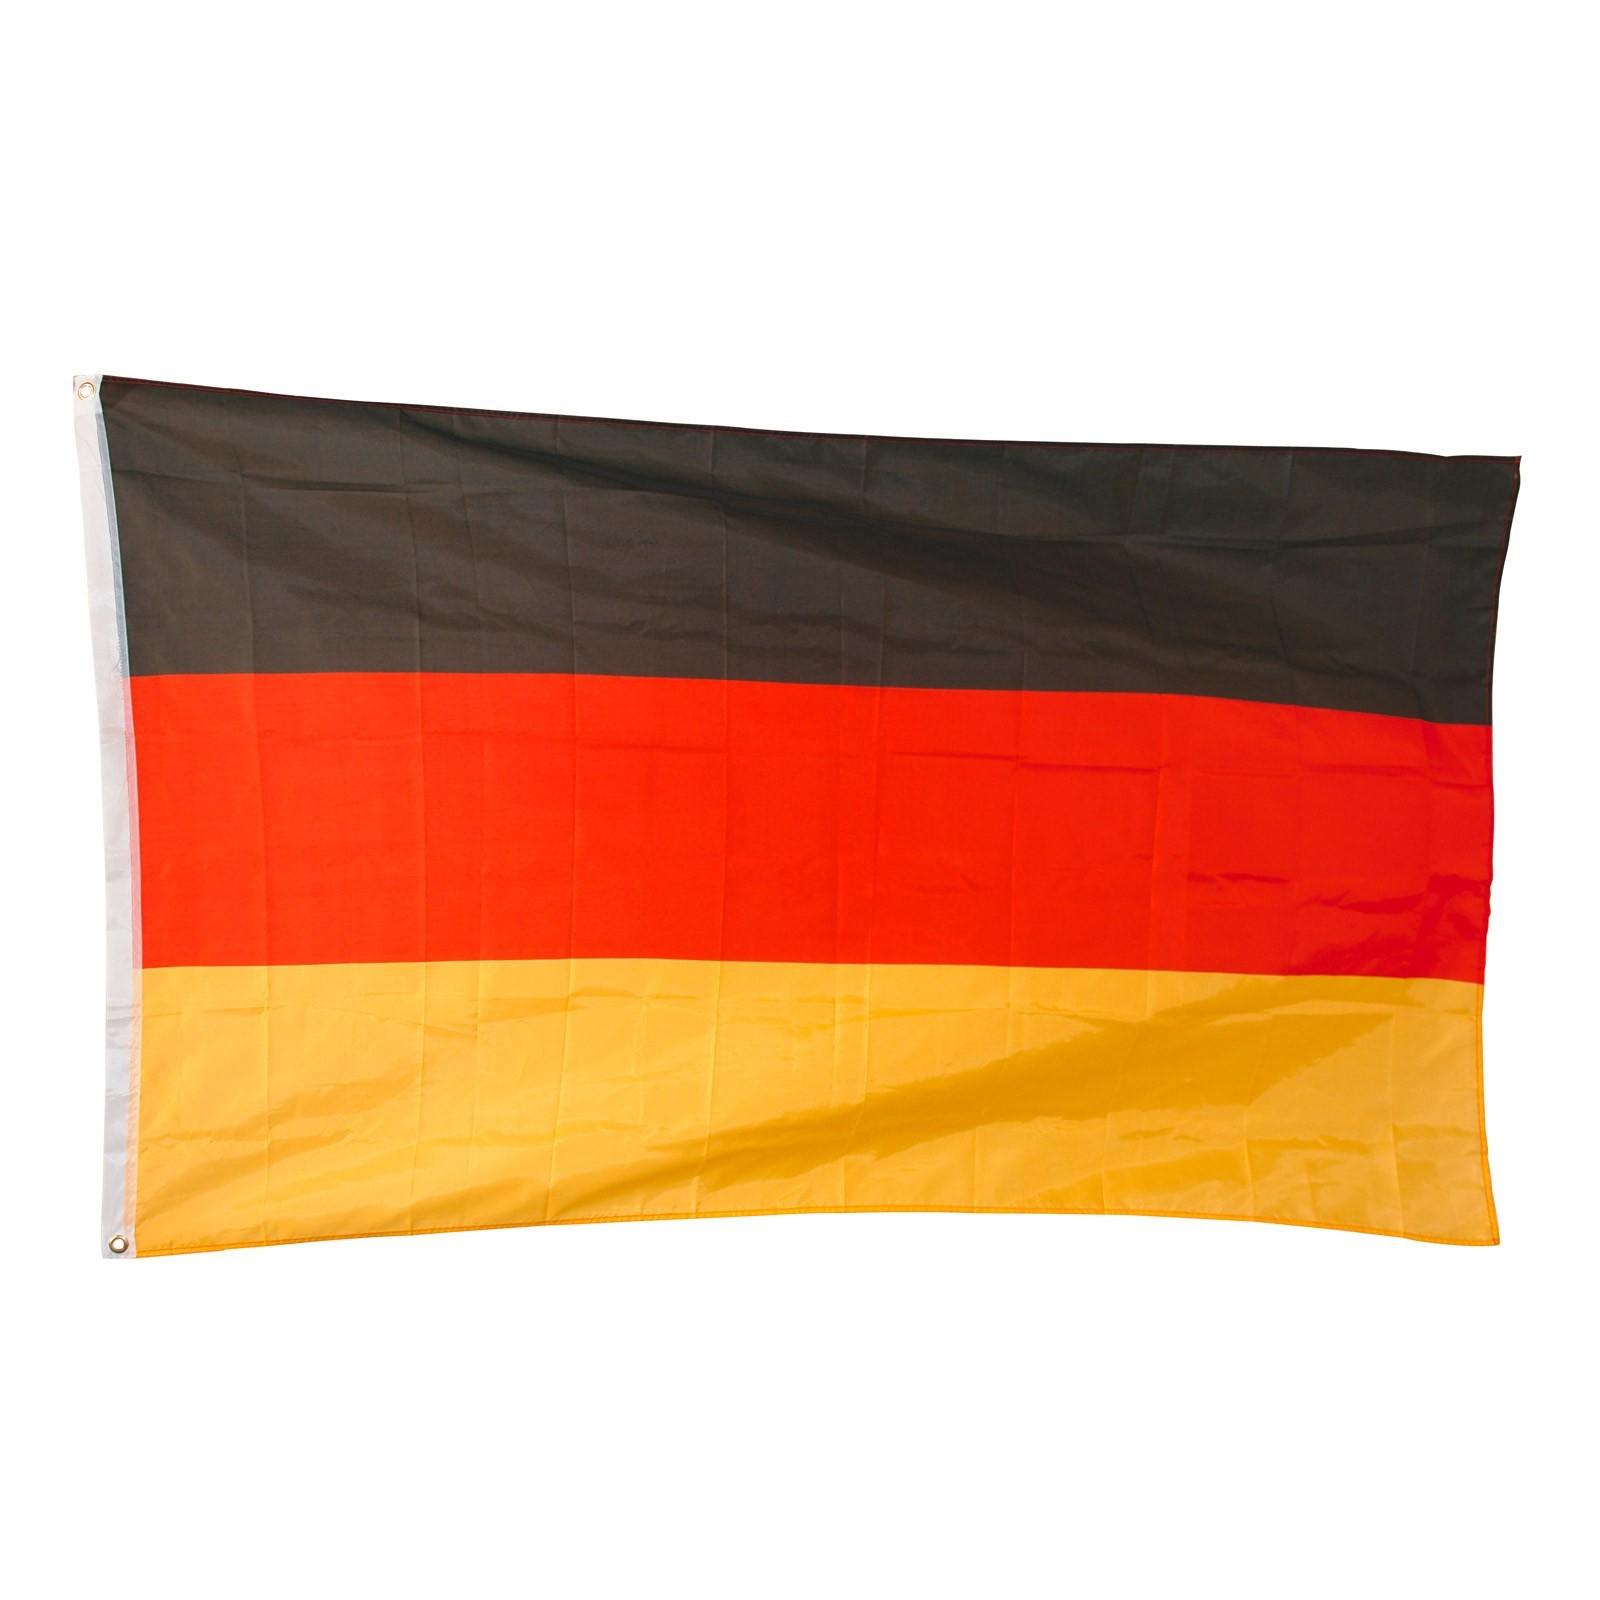 Dema 10 Stk. Deutschlandfahne / Deutschlandflagge 90x150 cm 94006x10